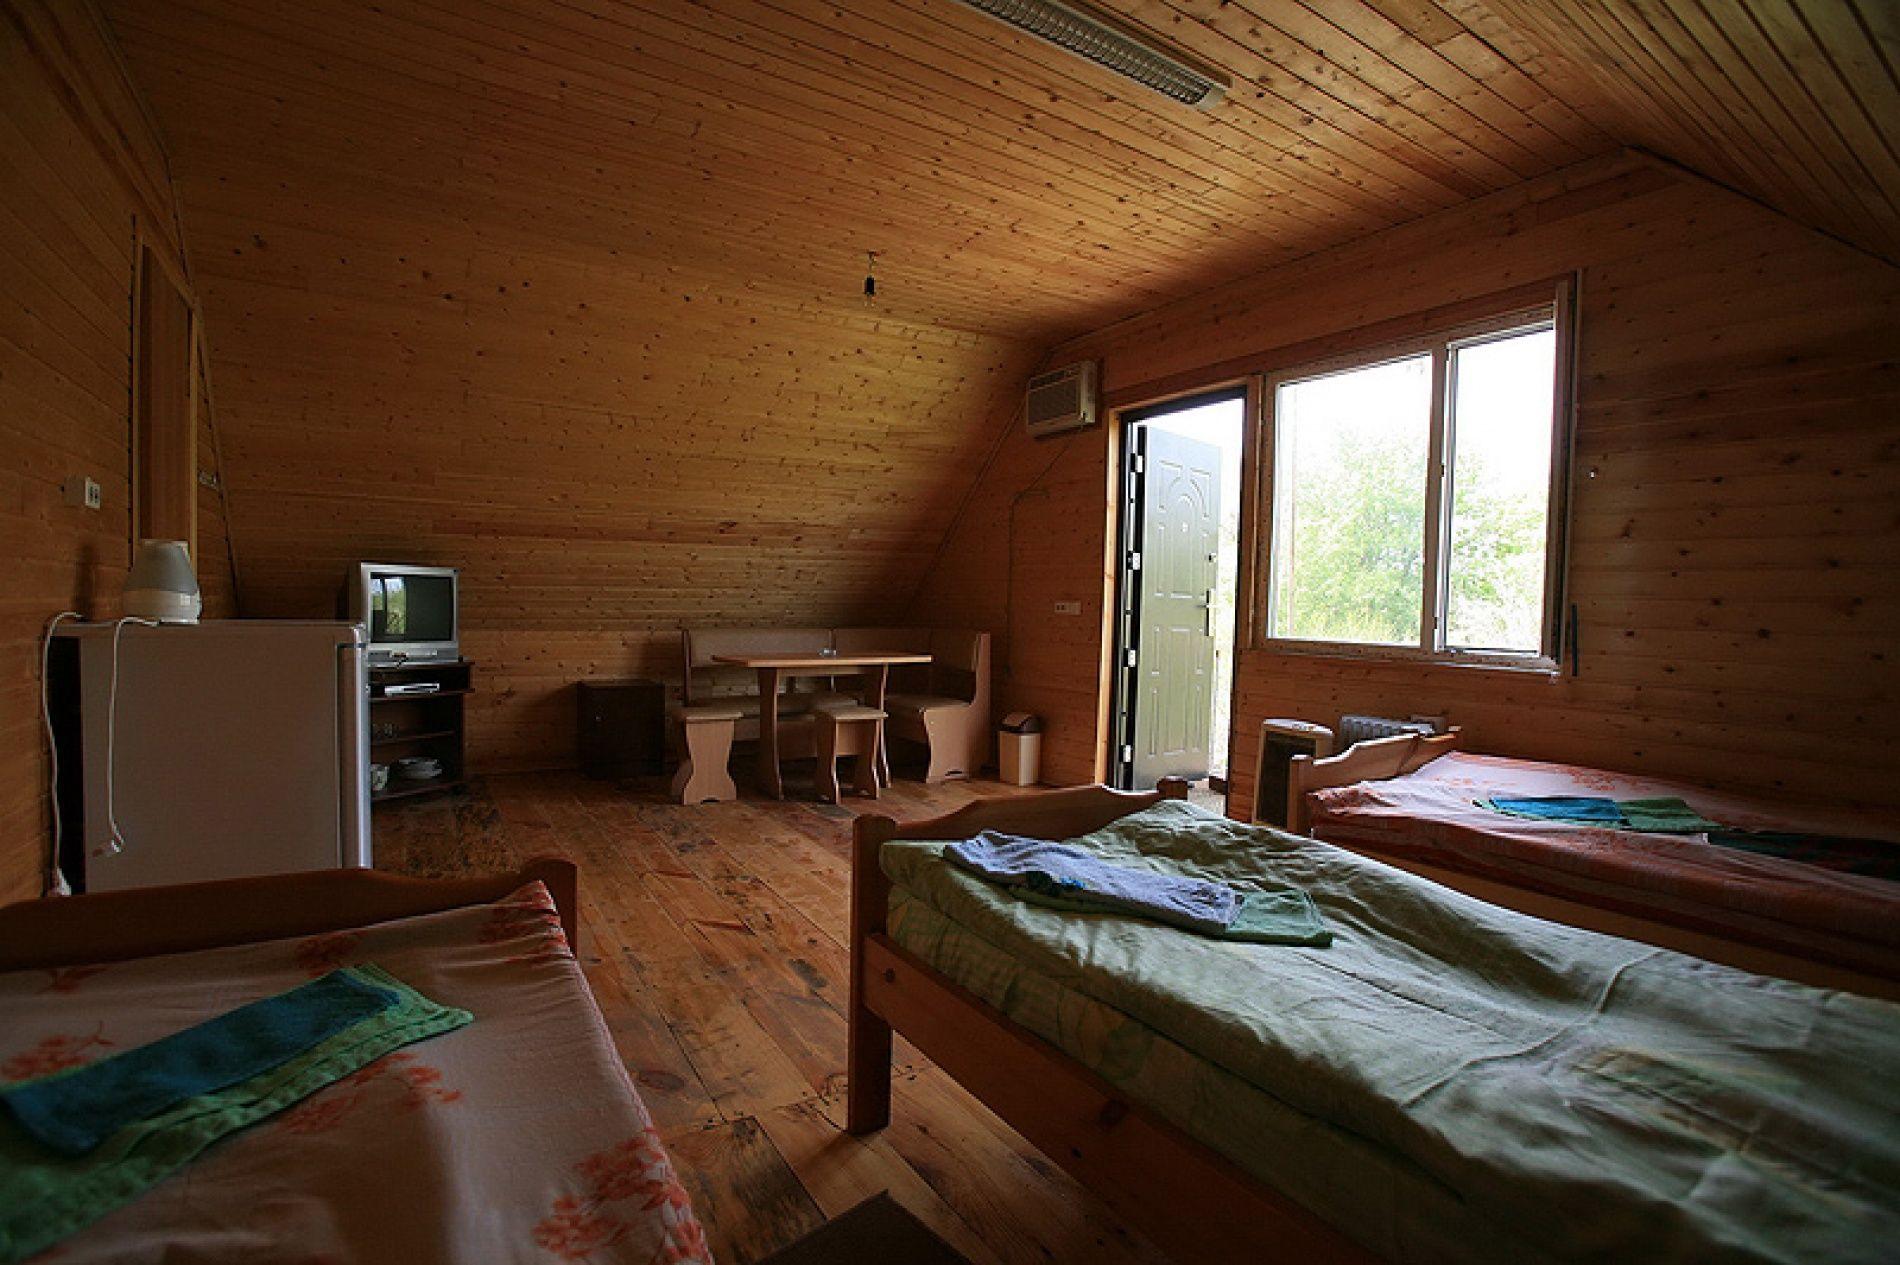 База отдыха «Дом на реке» Астраханская область 3-местный номер, фото 2